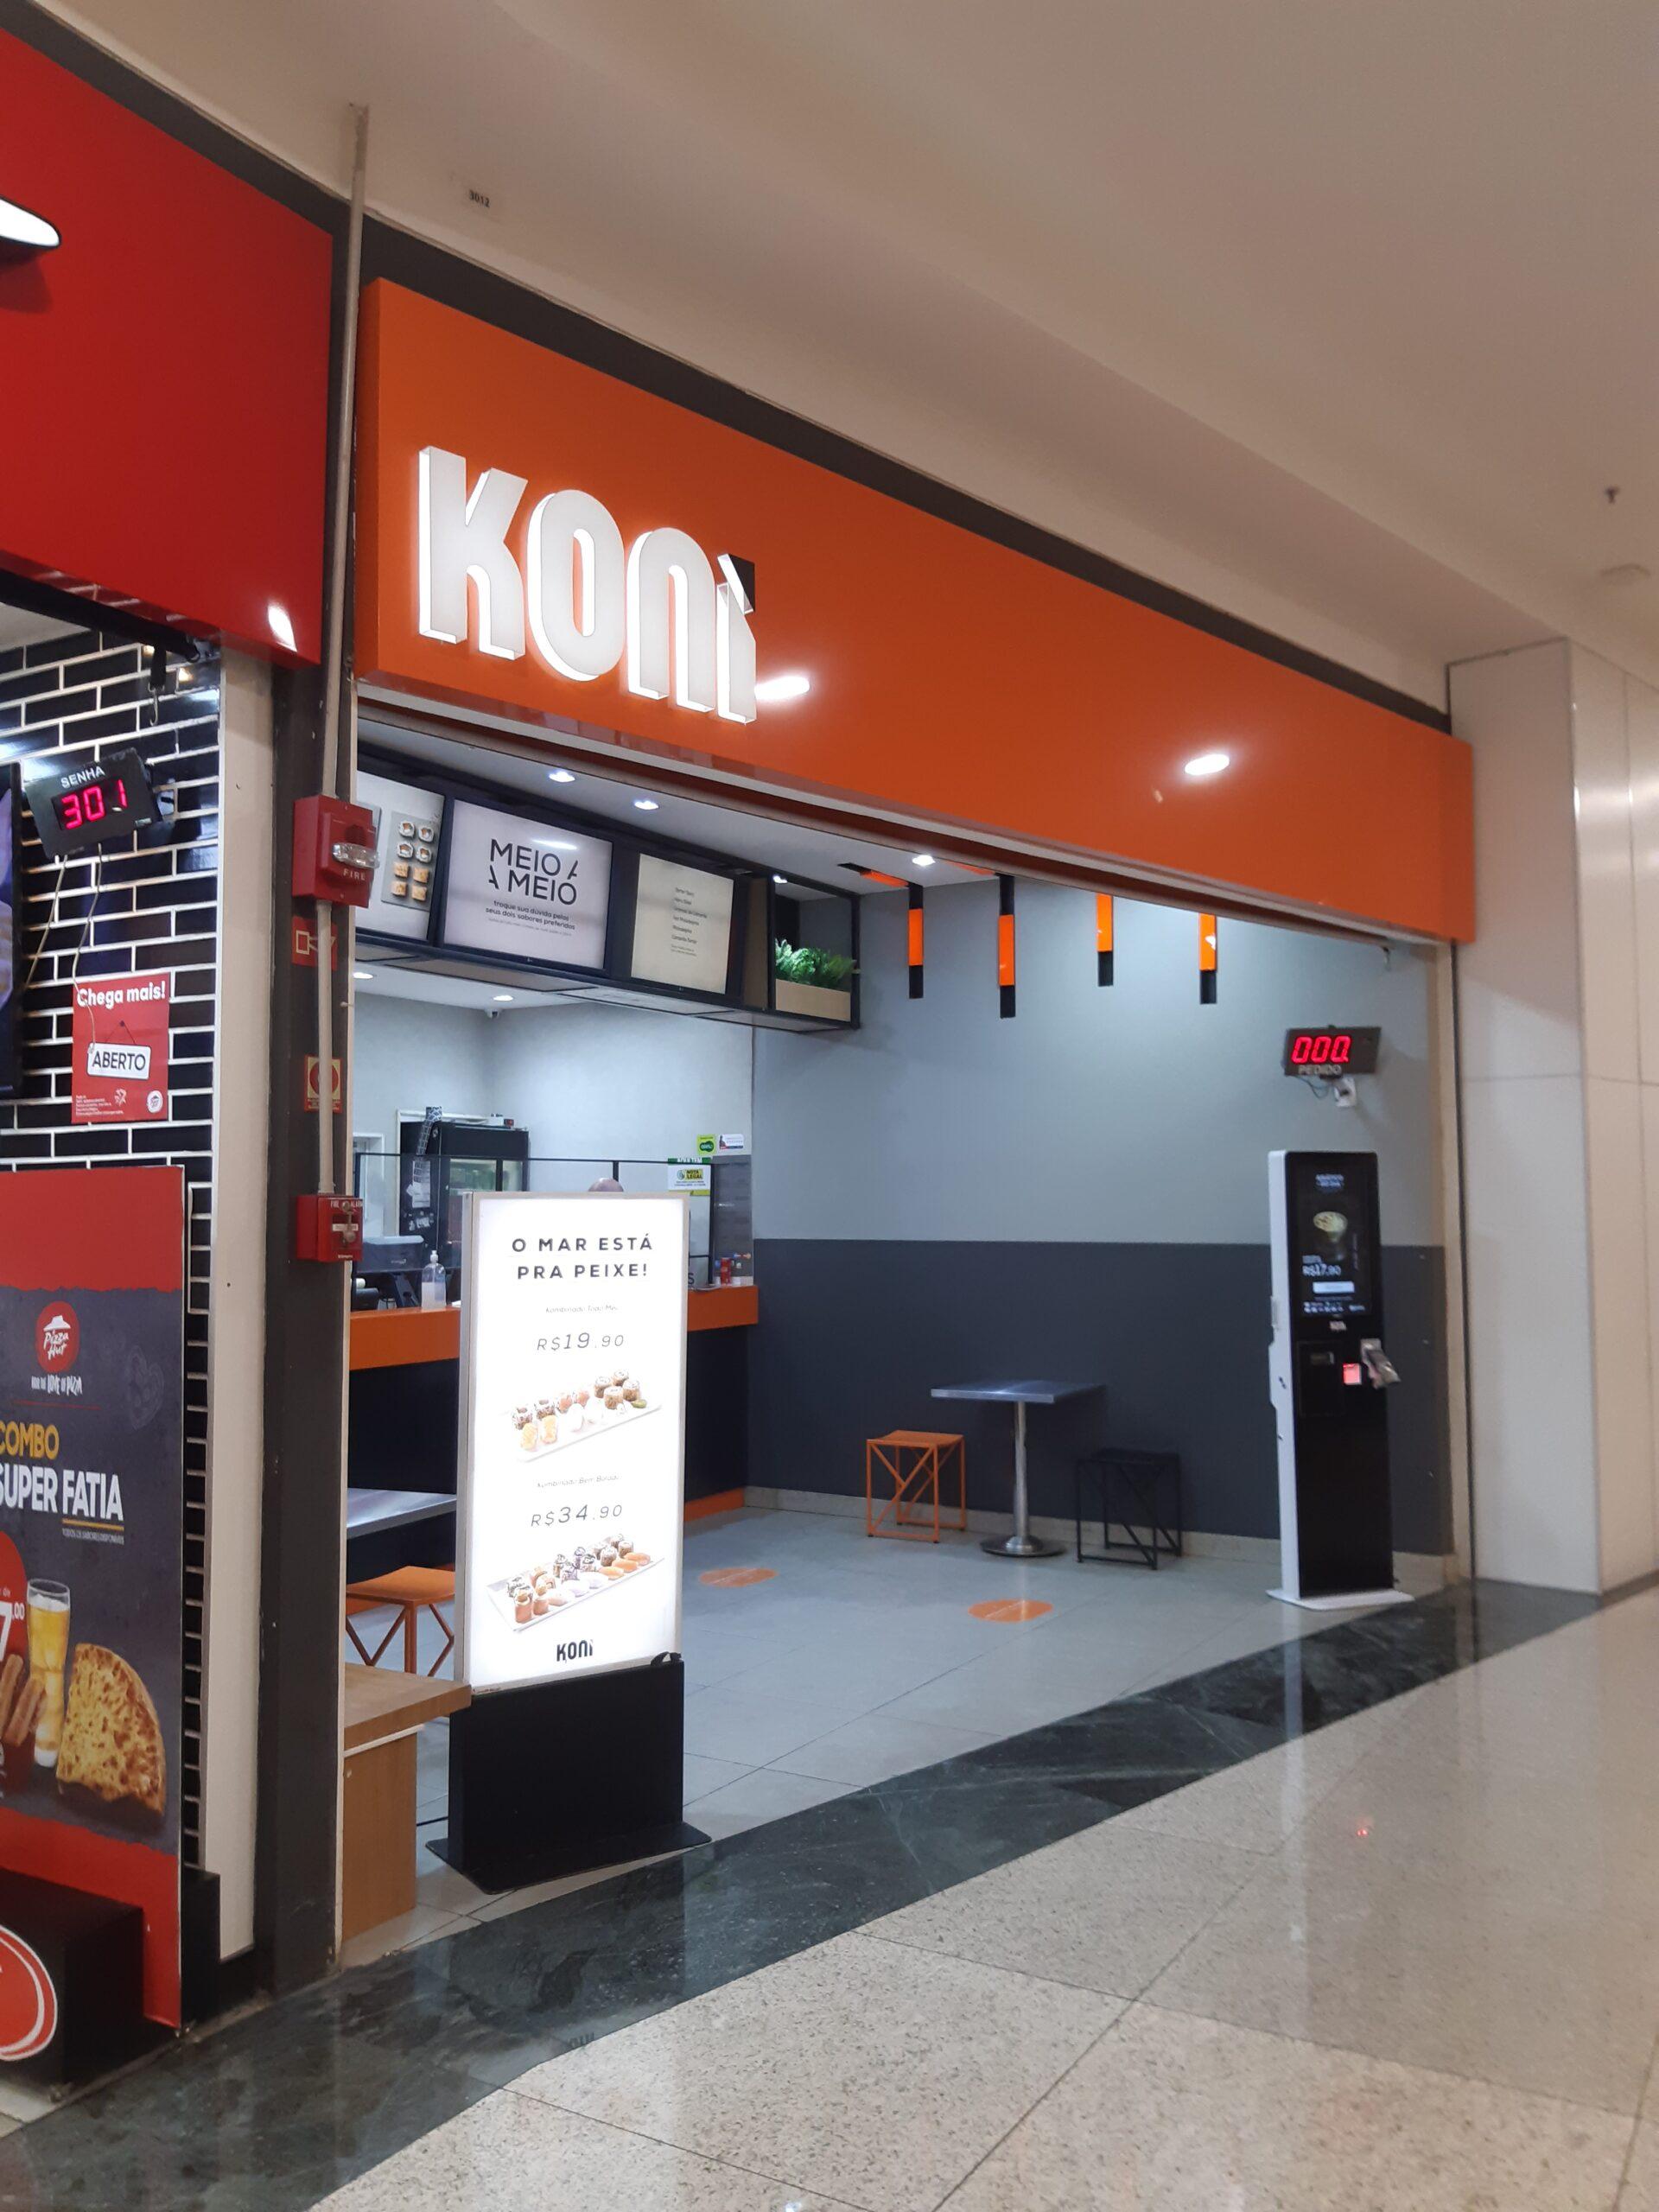 Koni do Taguatinga Shopping, Comércio Brasilia